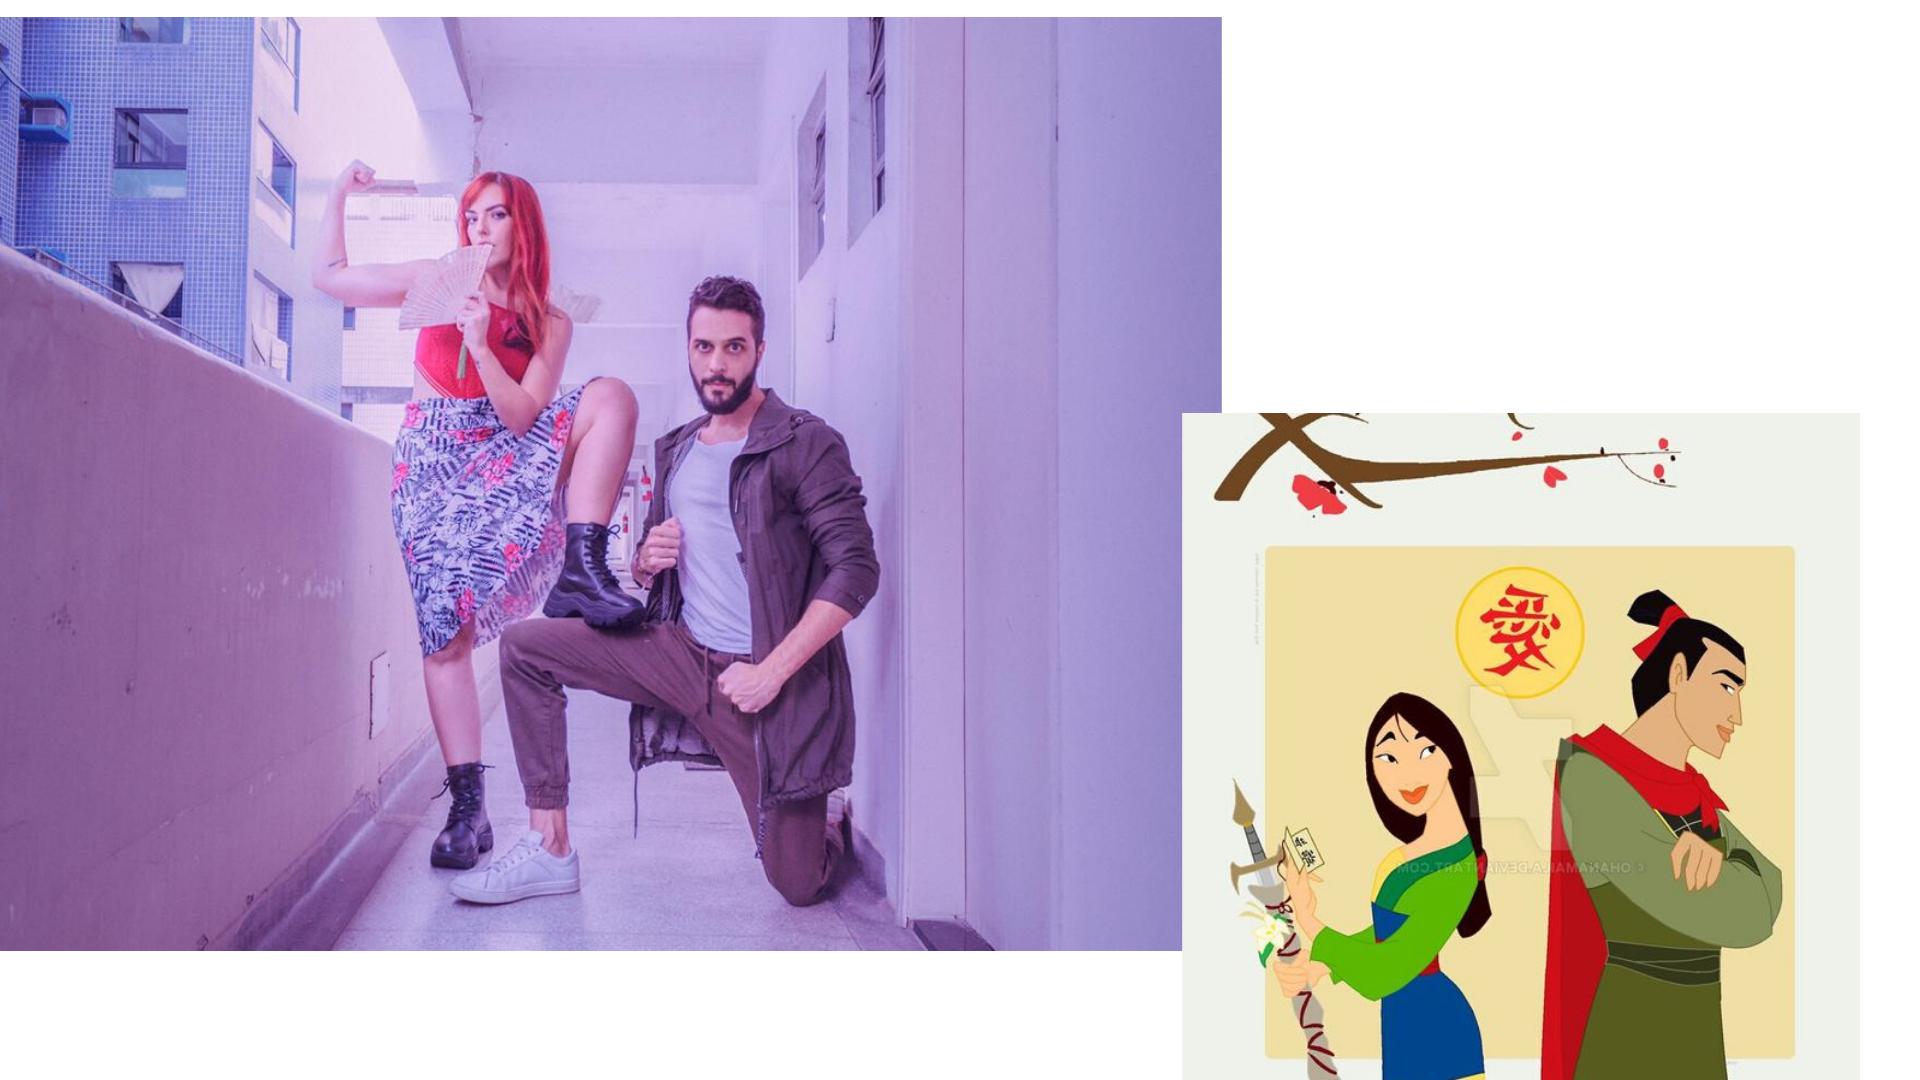 sapatos | evora shoes | moda 2020 | sapatos delivery | compras delivery | moda sapatos | princesas disney | princesas da disney modernas | Mulan